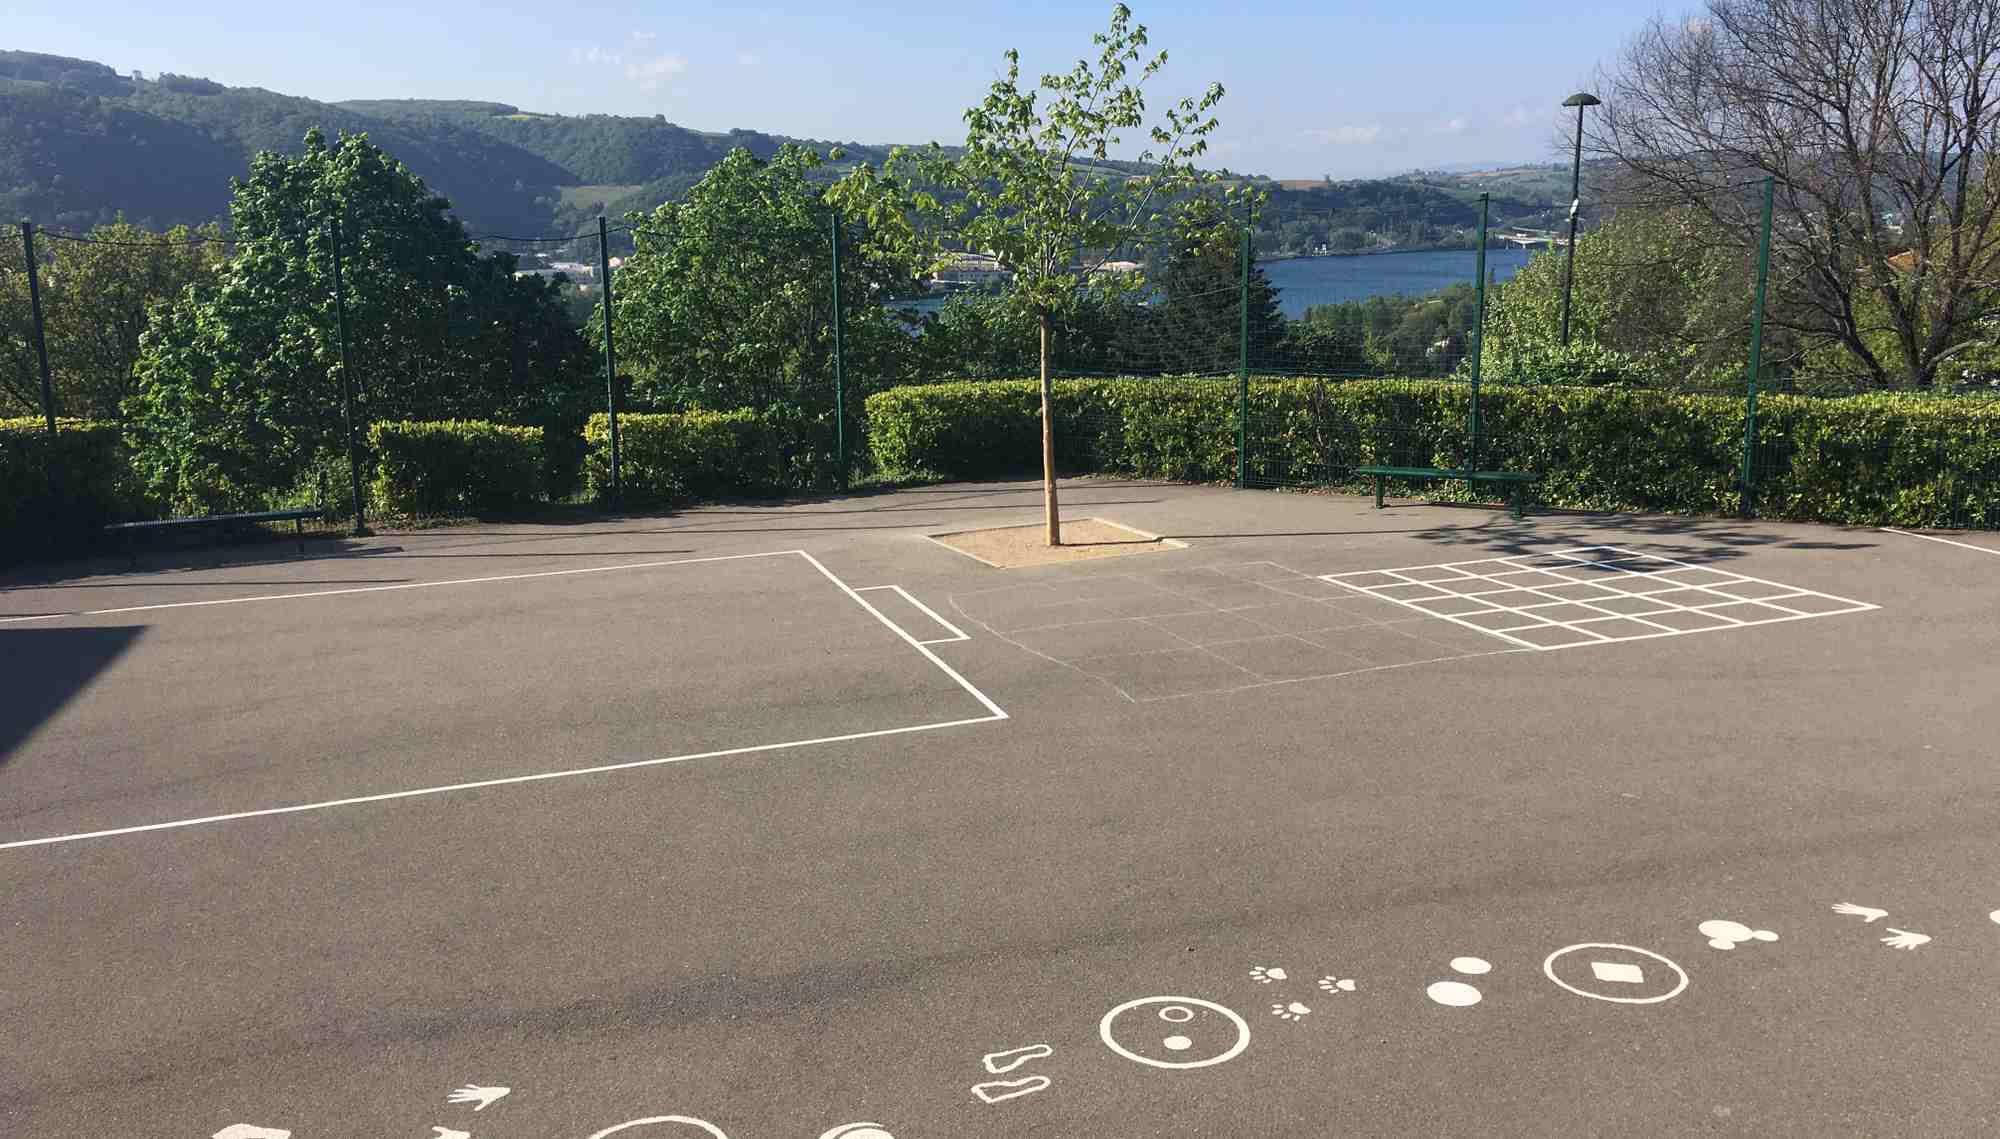 Vue sur la cour de l'école de Saint-Cyr-sur-le-Rhône